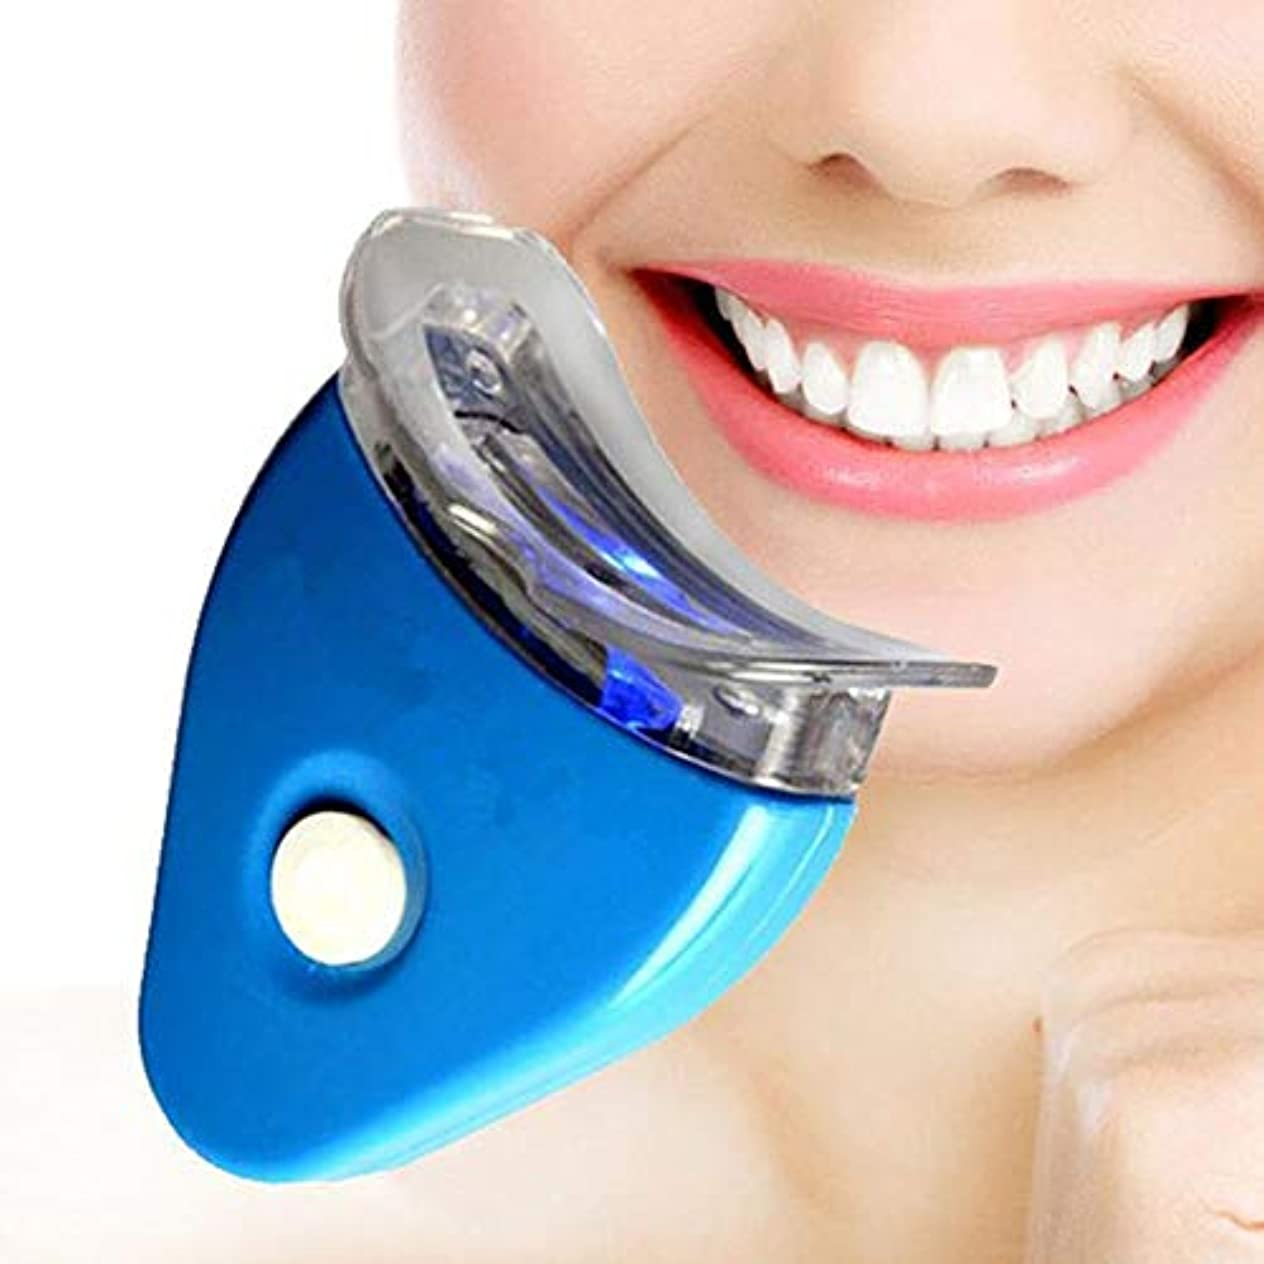 解体するヘア怠けた歯のホワイトニングキット、歯磨き粉漂白健康な口腔ケア歯磨き粉個人用歯科キット/健康な口腔ケア、LEDライト付き